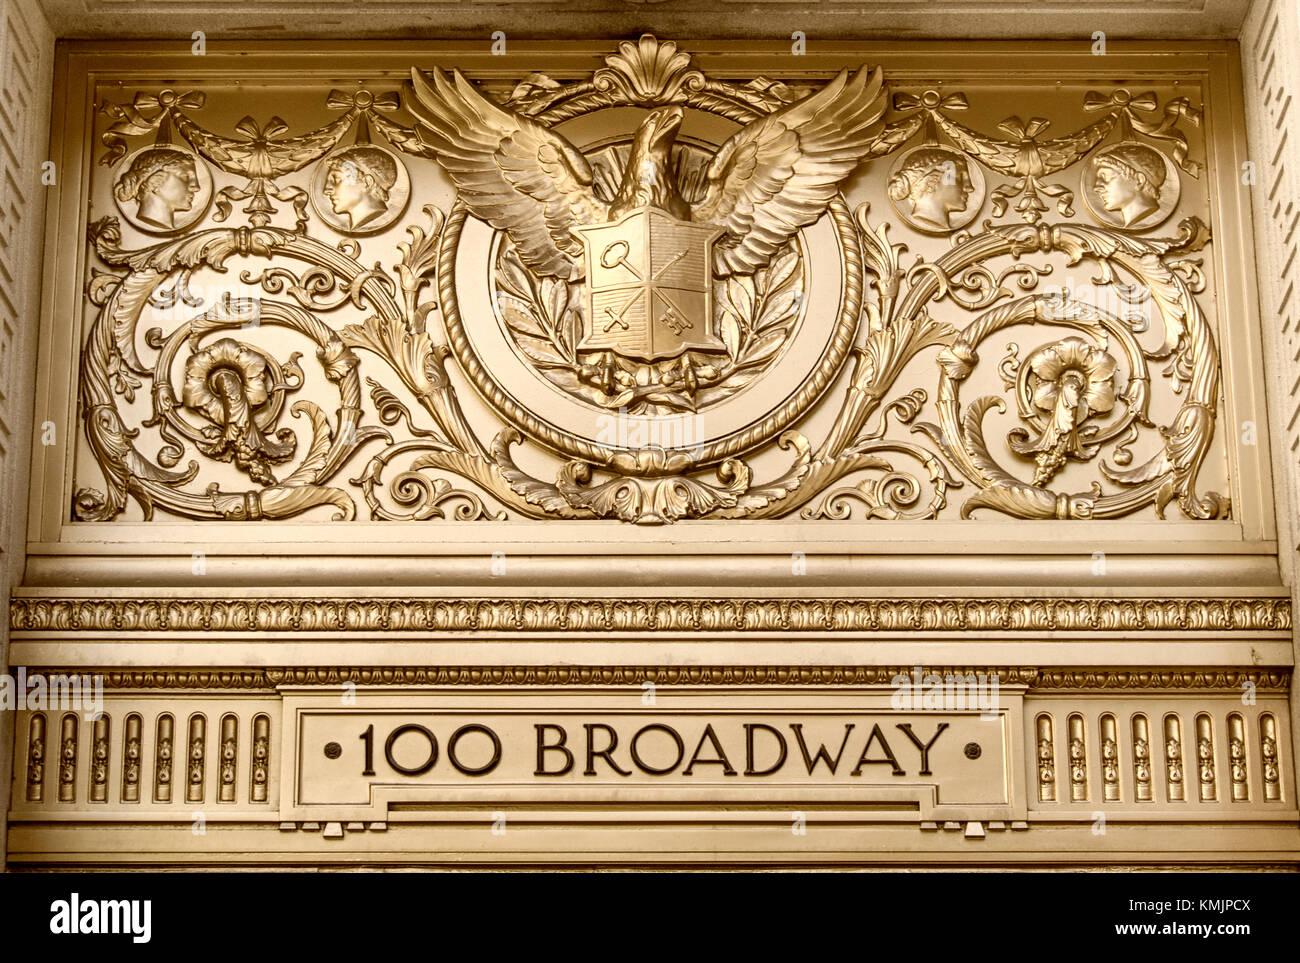 100 Broadway, goldene Eingangstür, Financial District, Manhattan, NYC Stockbild